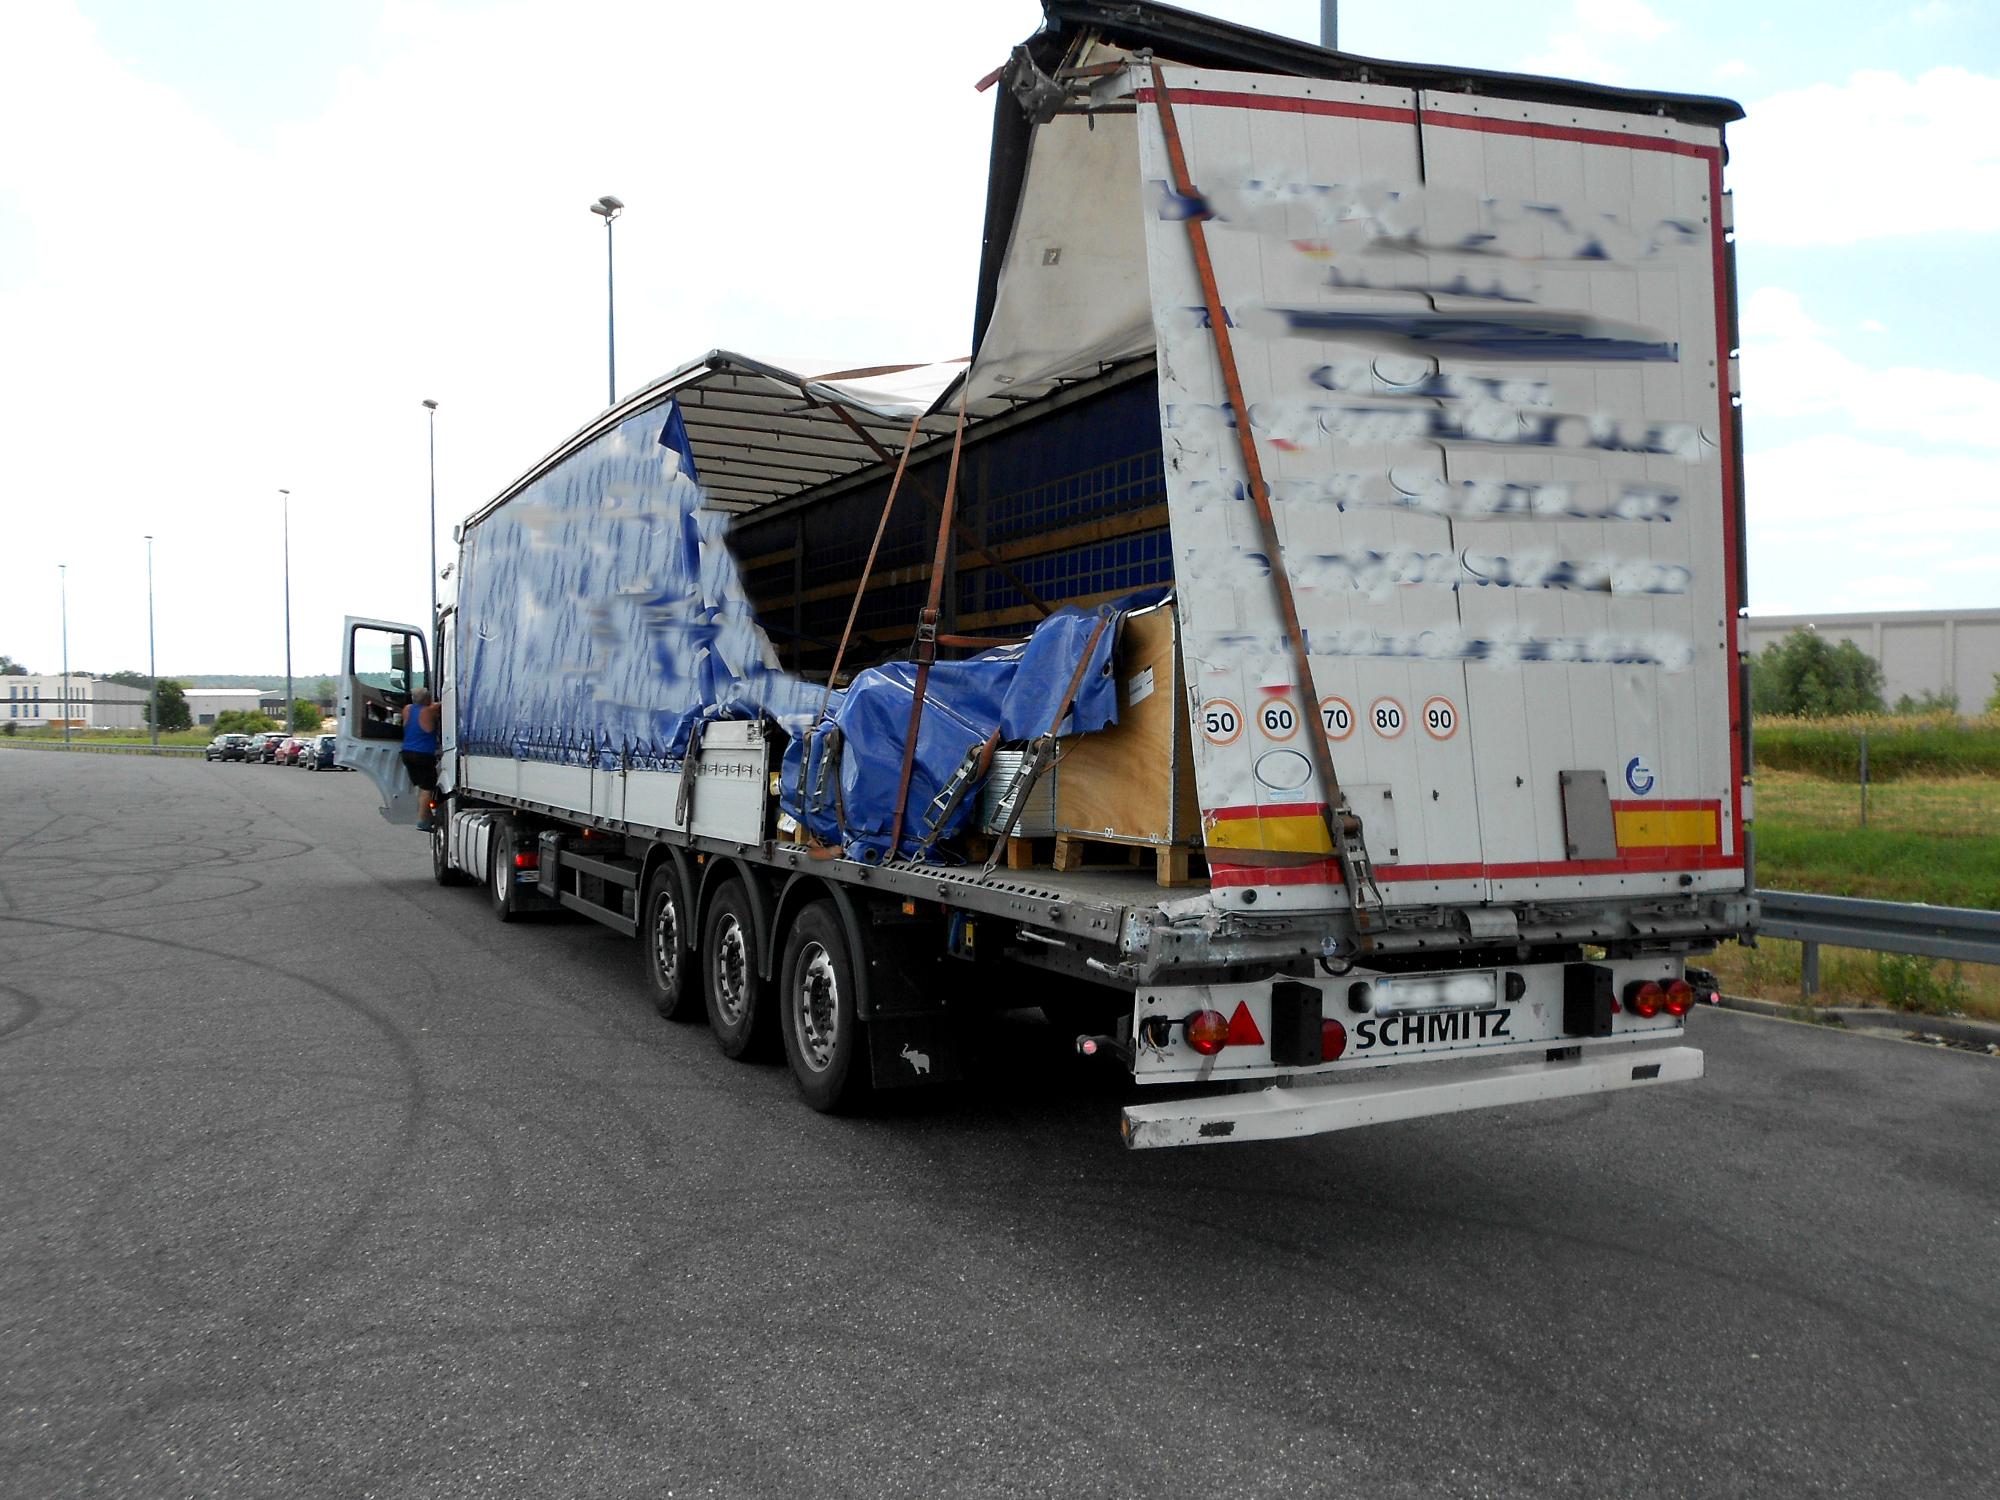 Neglijența în transporturile rutiere vă poate costa foarte scump